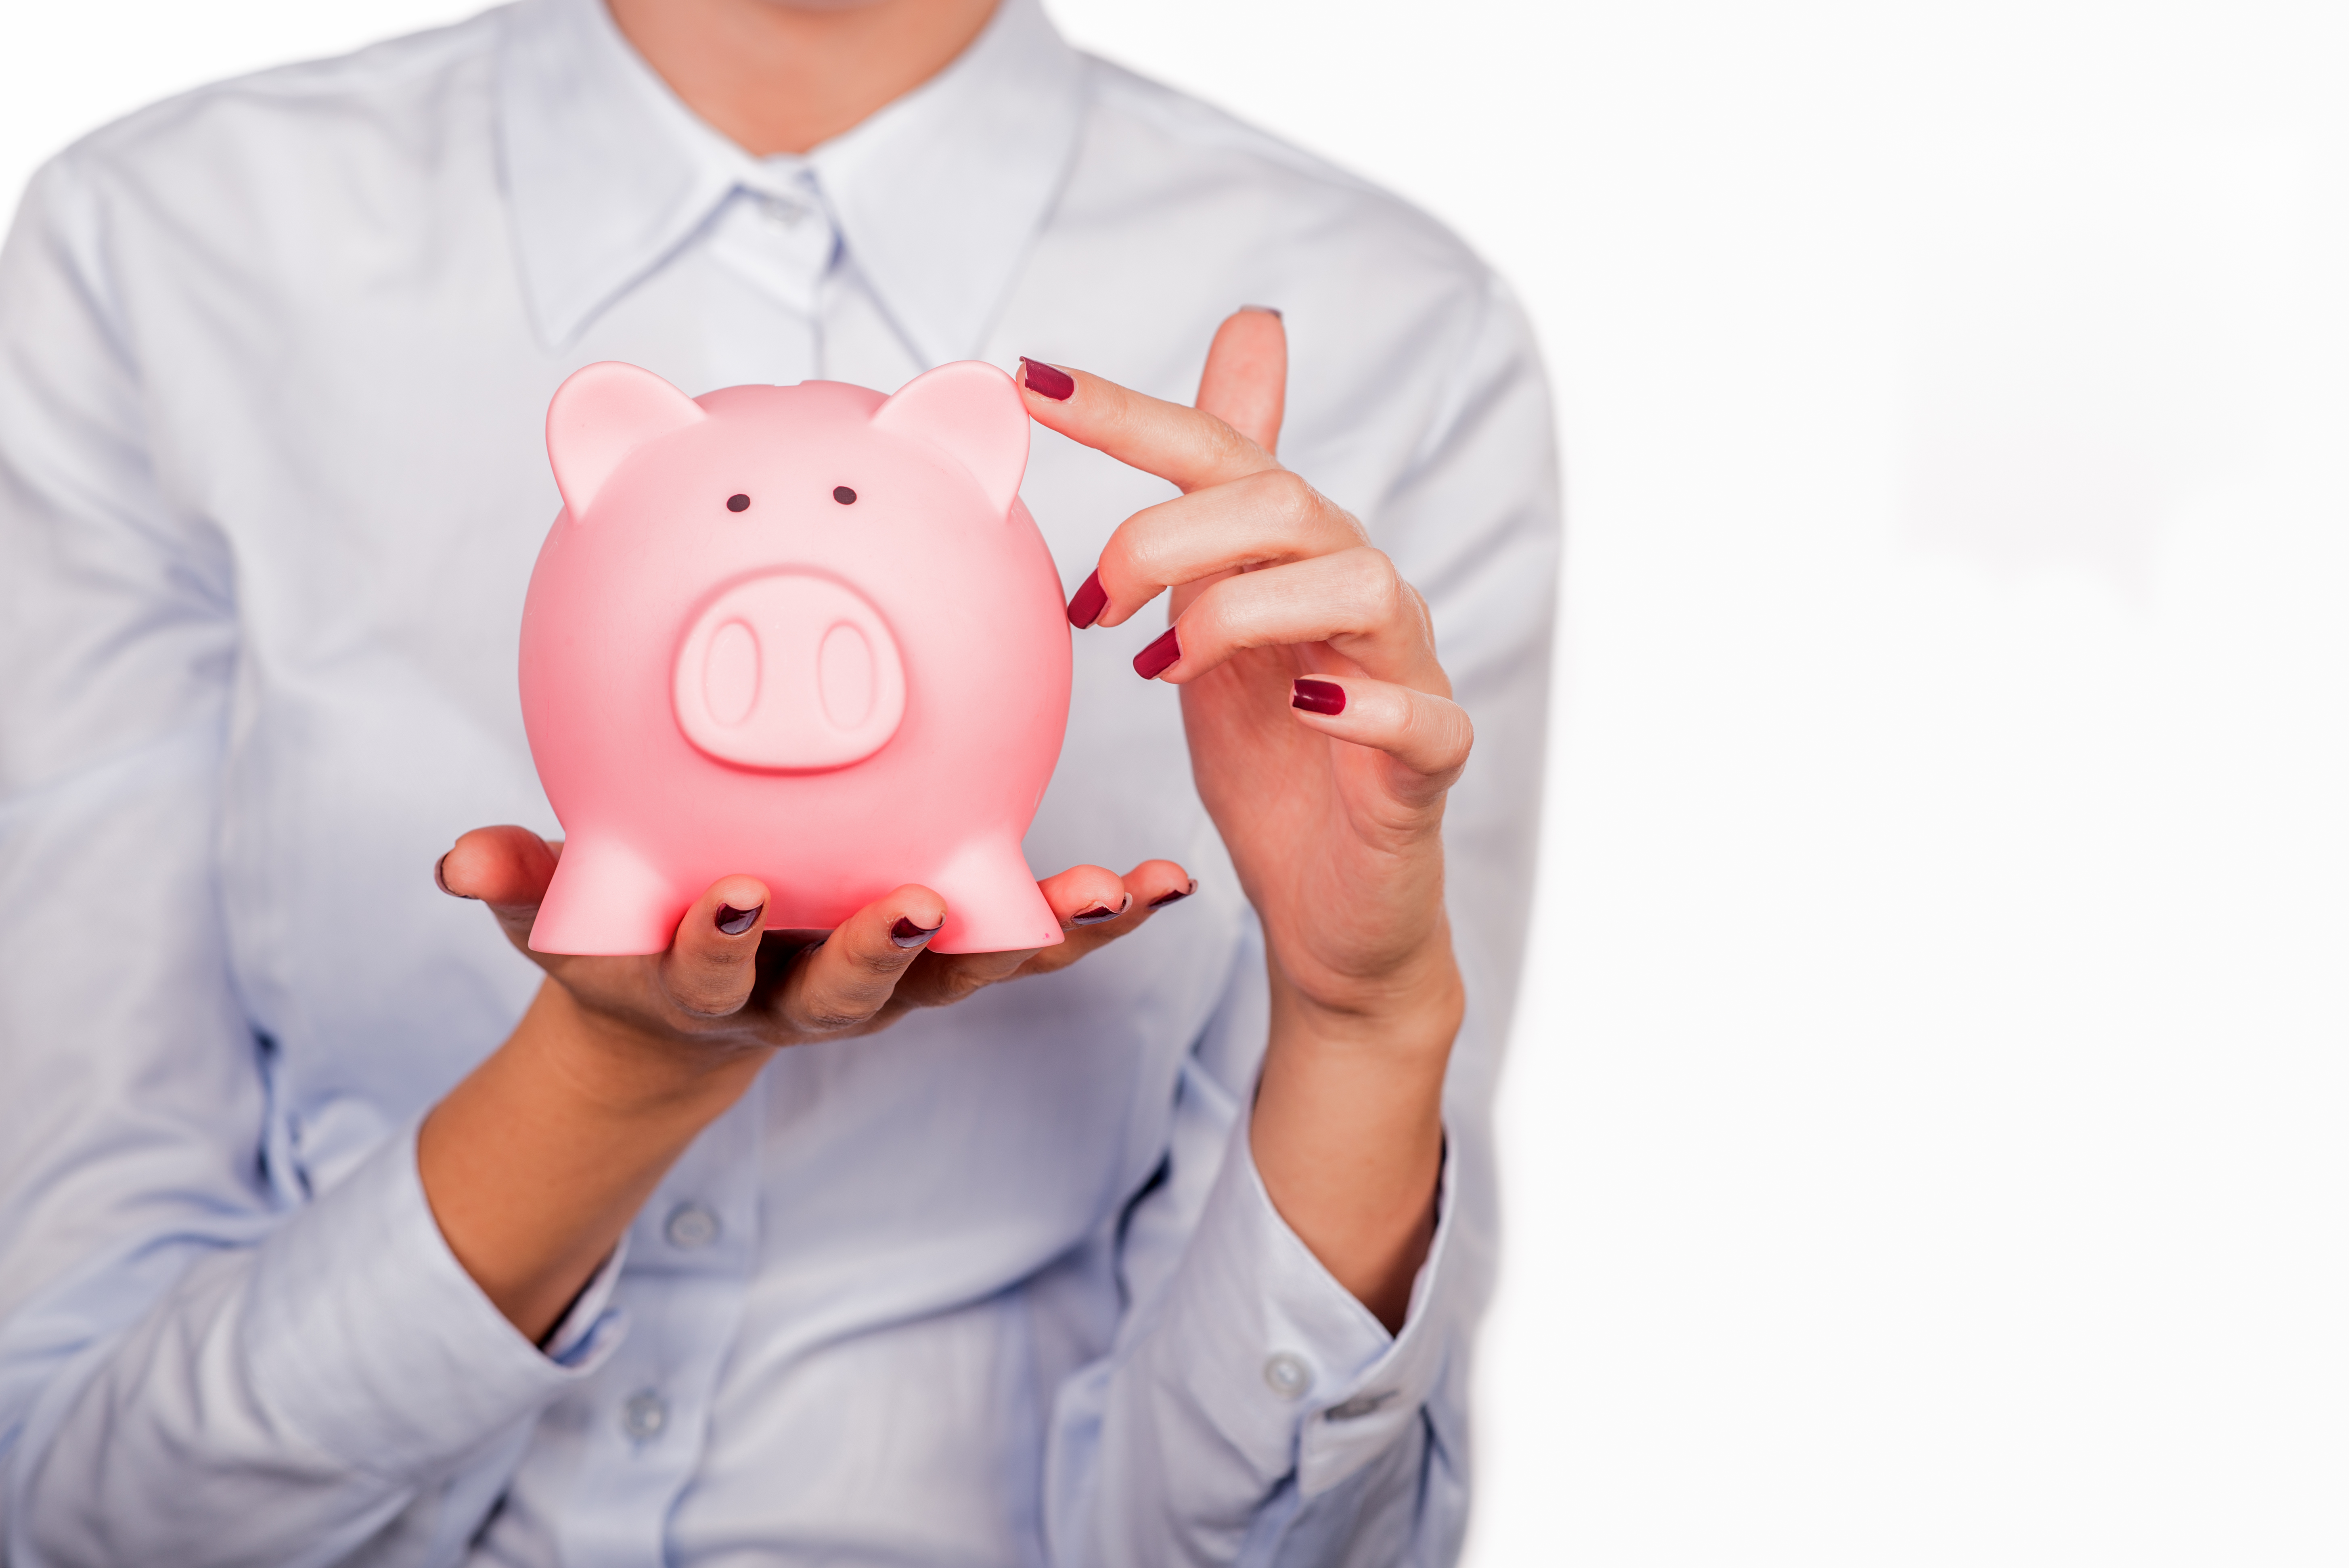 Des conseils sur votre plan d'épargne retraite ou sur les stratégies à mettre en place pour épargner? Contactez nous : 3hconseils@orange.fr & 03.26.24.37.40